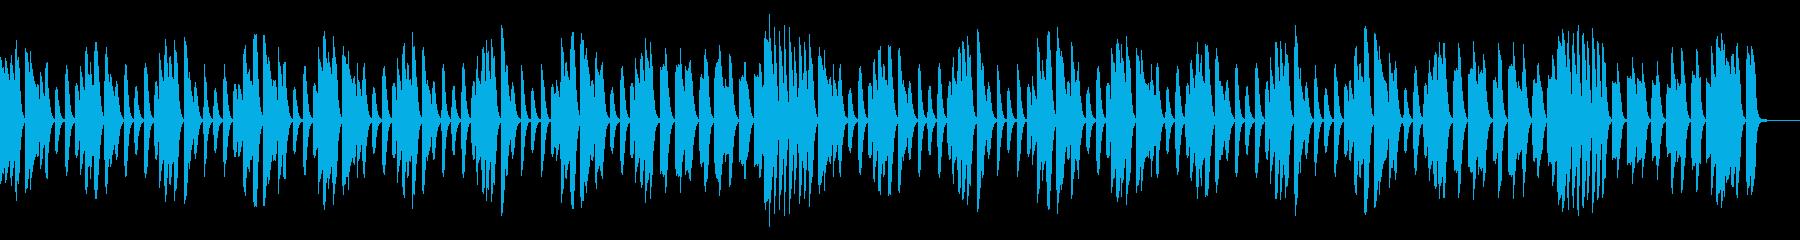 ほのぼのシーンのBGMにオススメの再生済みの波形